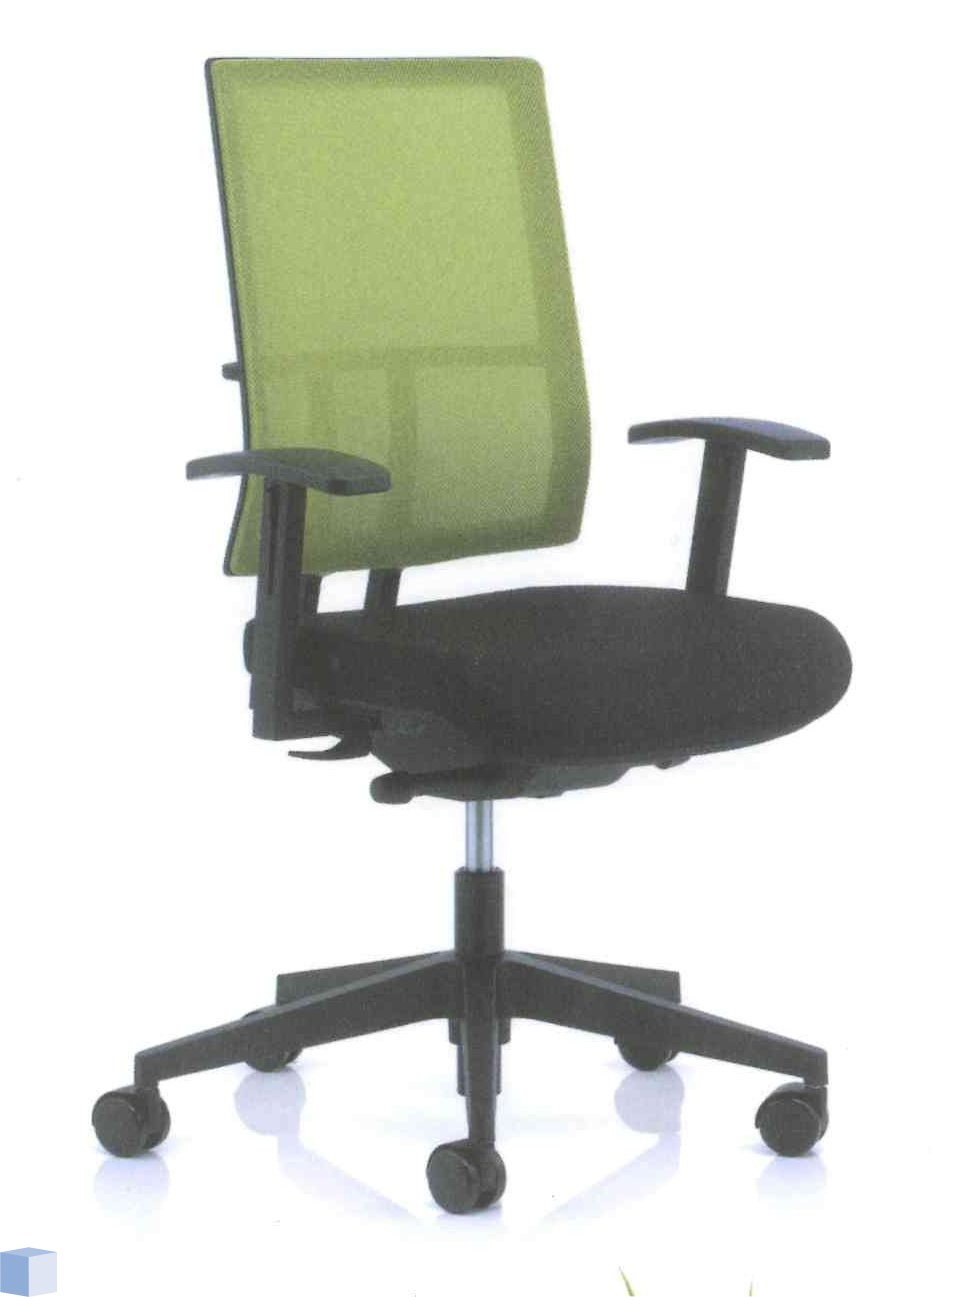 Fijne Zwarte Bureaustoel.Kohl Bureaustoel Anteo